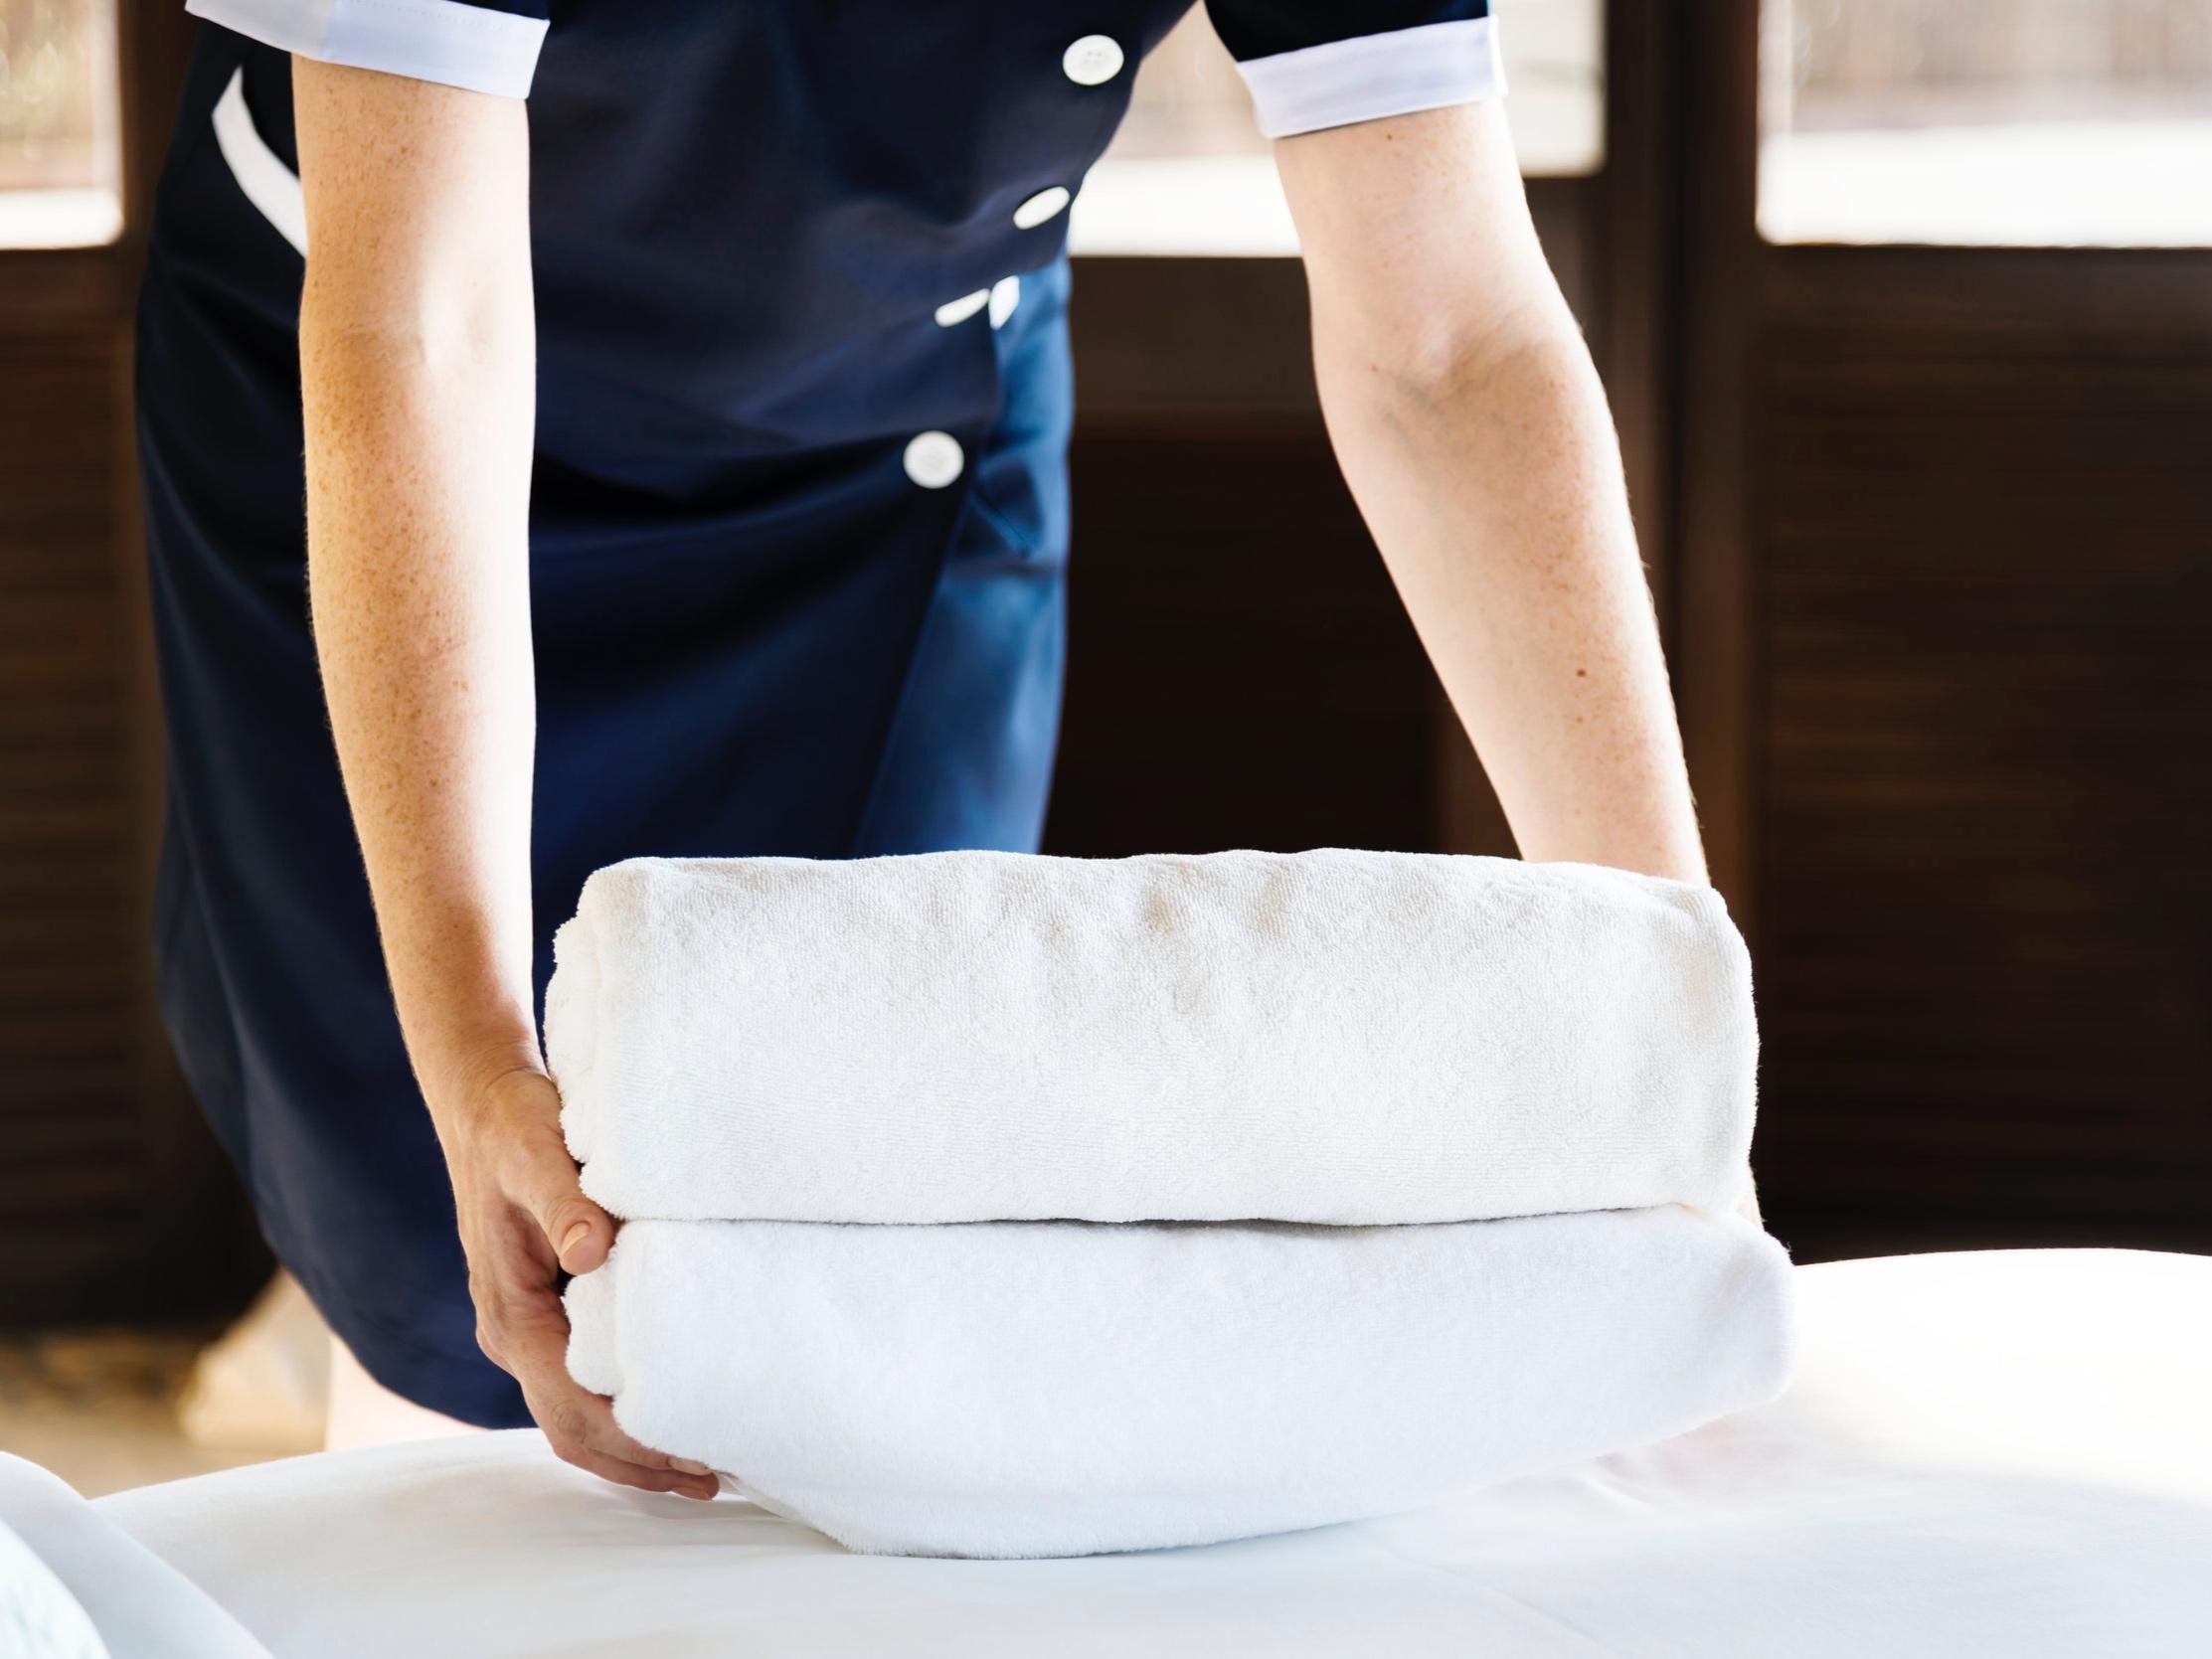 HouseKeeping - Wir finden Ihr Hauspersonal, eine qualifizierte Nanny oder Reinigungskraft.